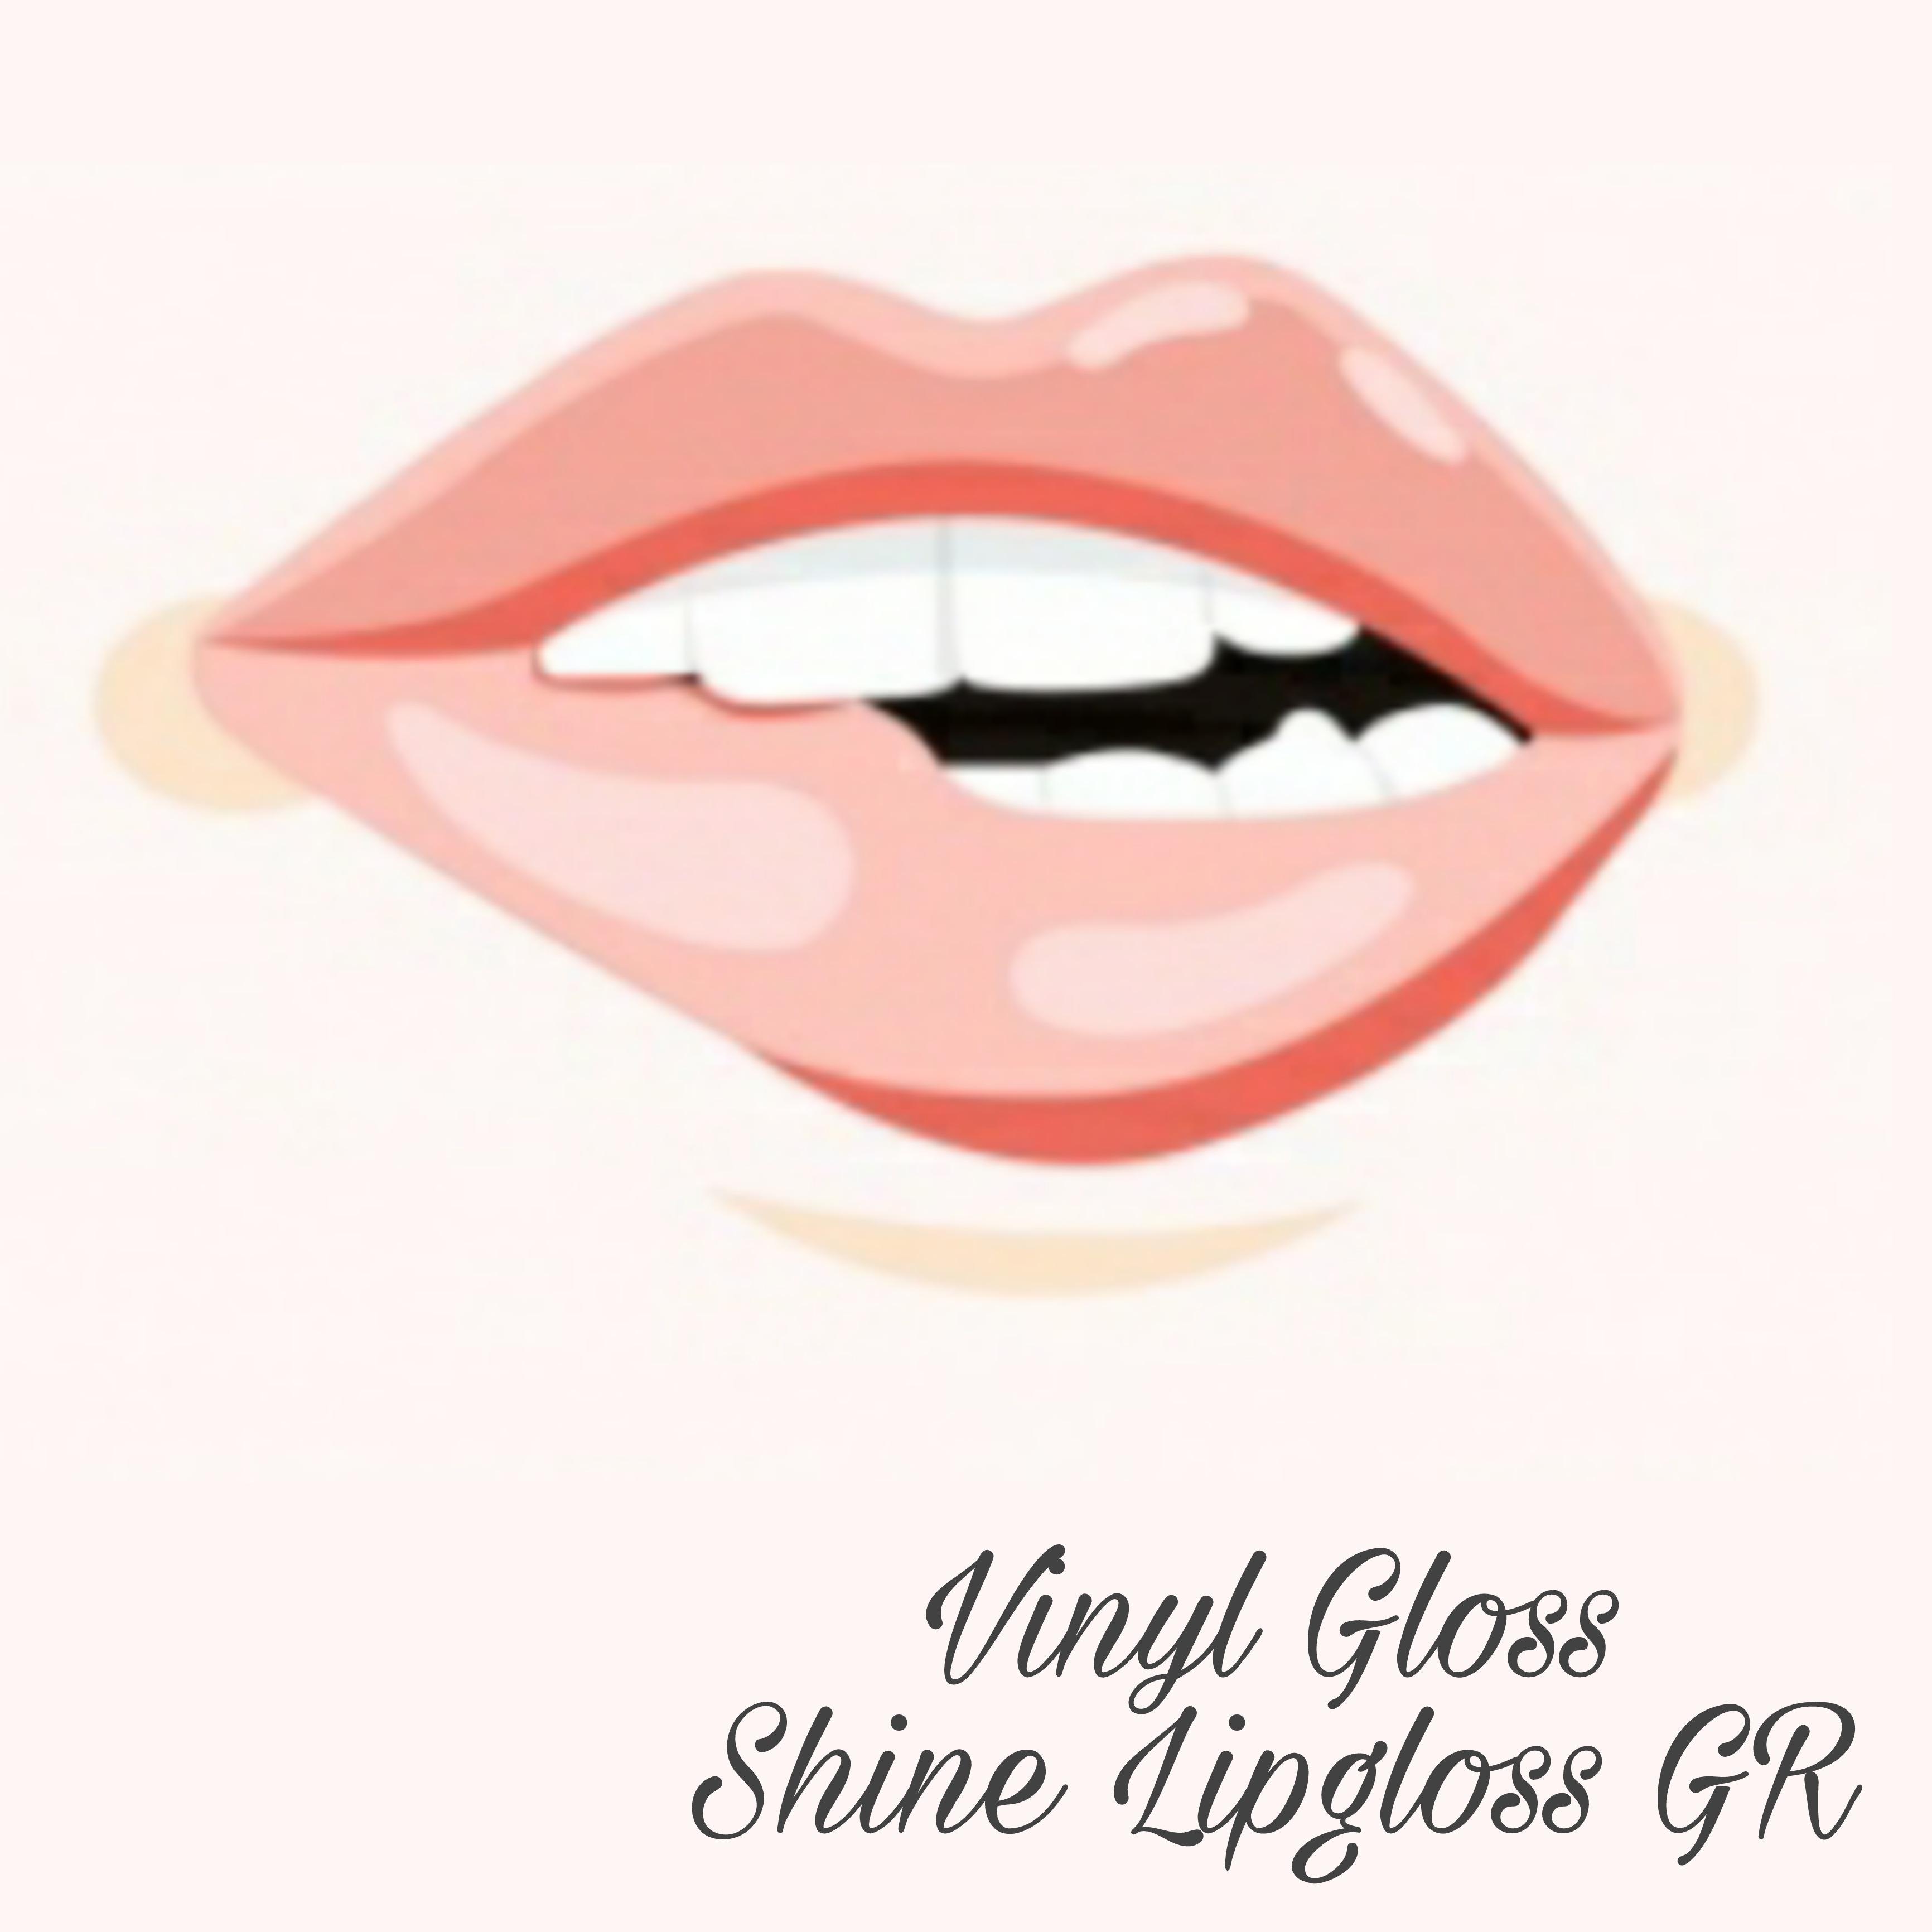 Vinyl Gloss Shine Lipgloss GR